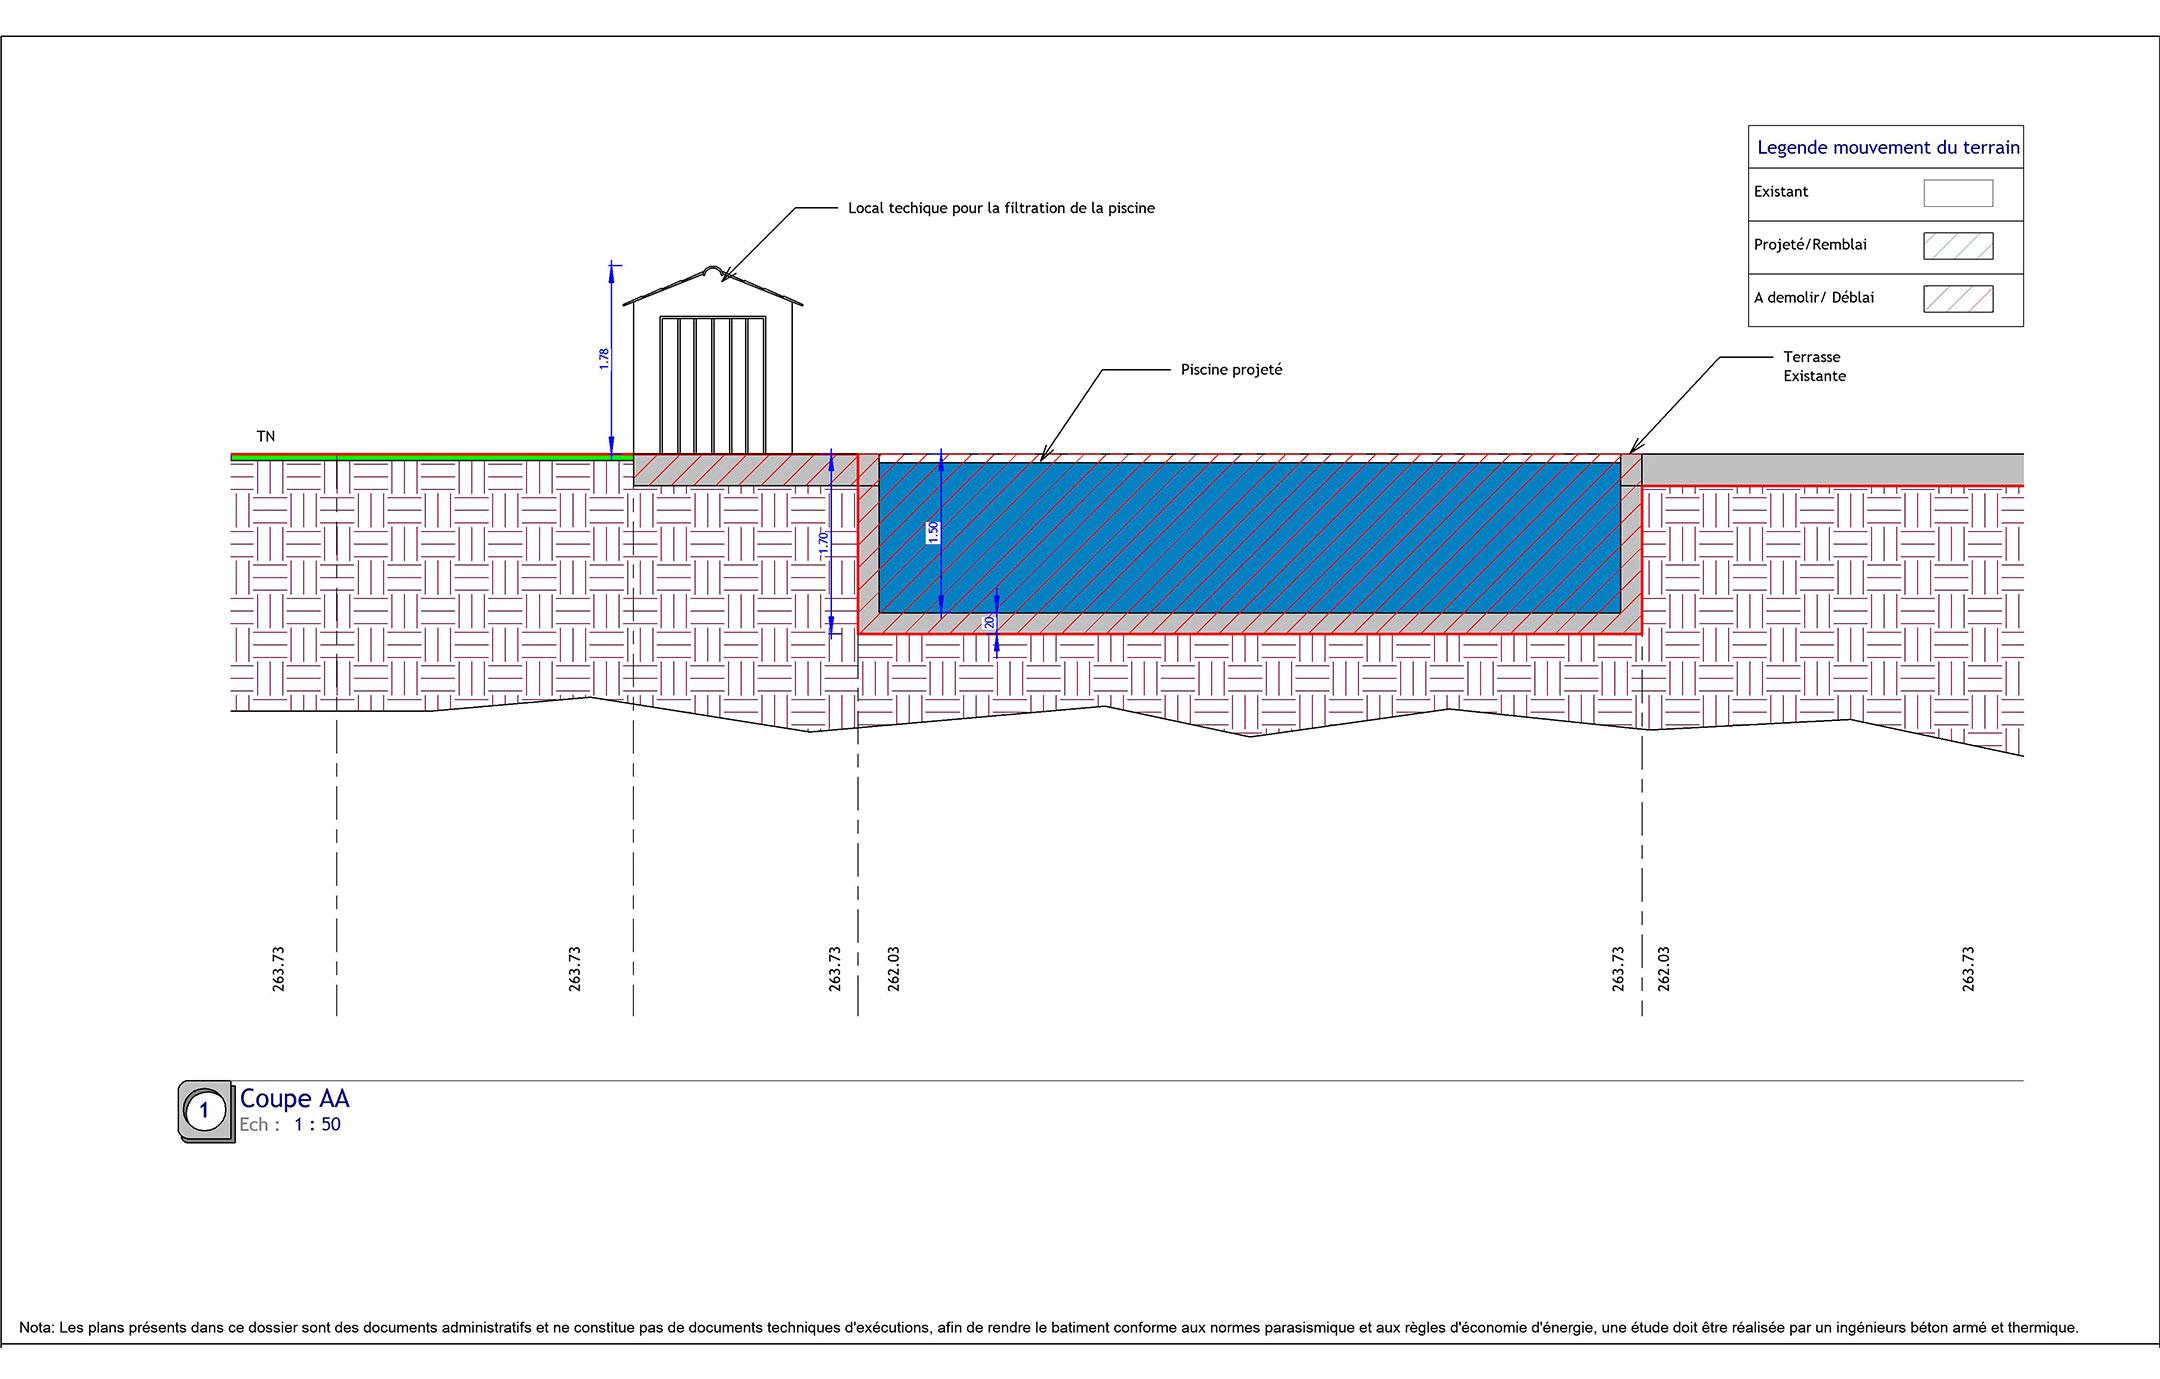 Permismairie - Construction Neuve dedans Plan De Coupe Piscine